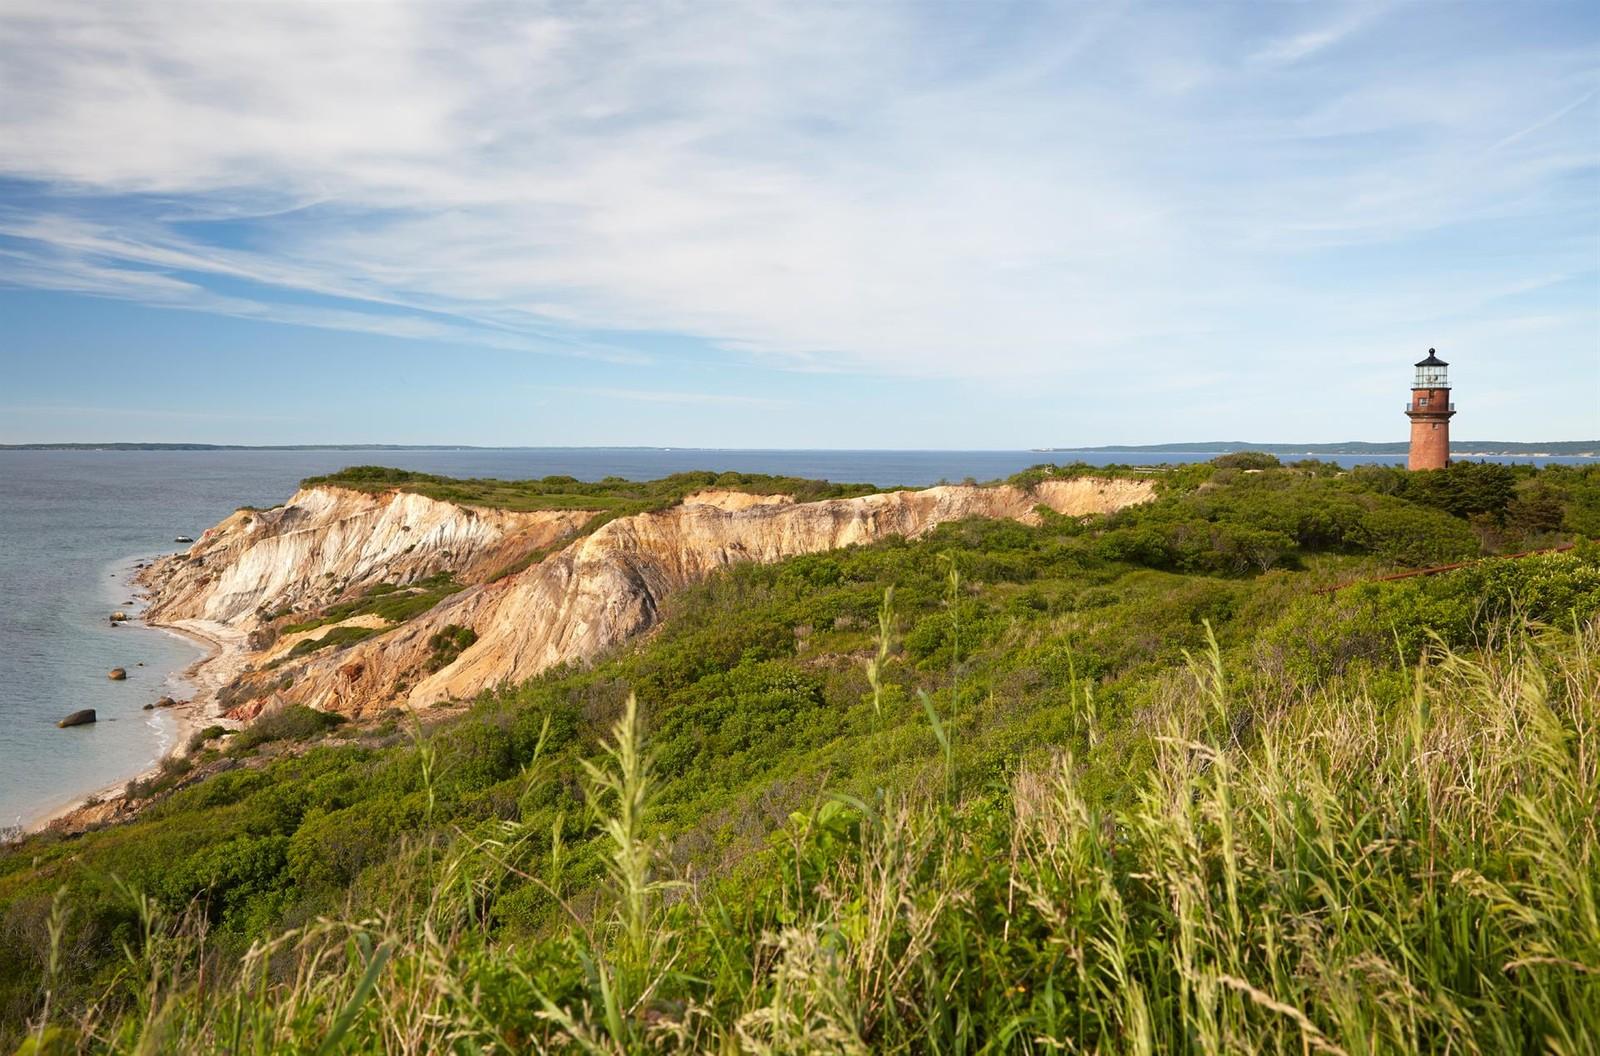 La scogliera dell'isola di Martha's Vineyard / christiesrealestate.com